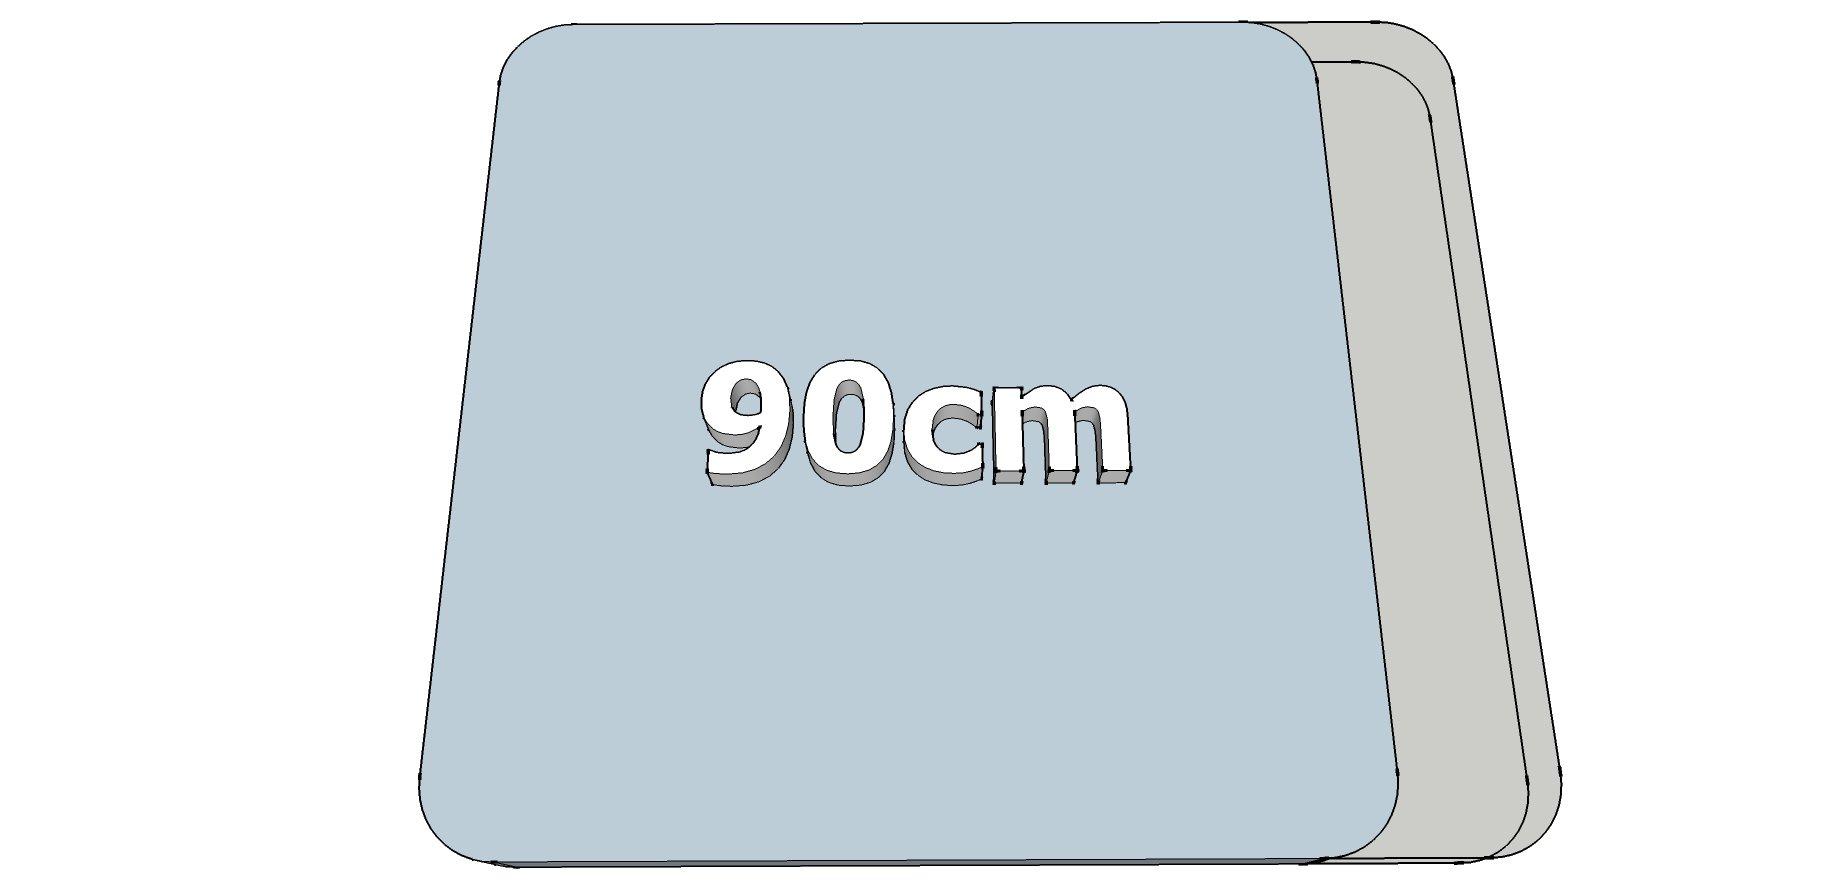 Afwijkende breedte (90cm)